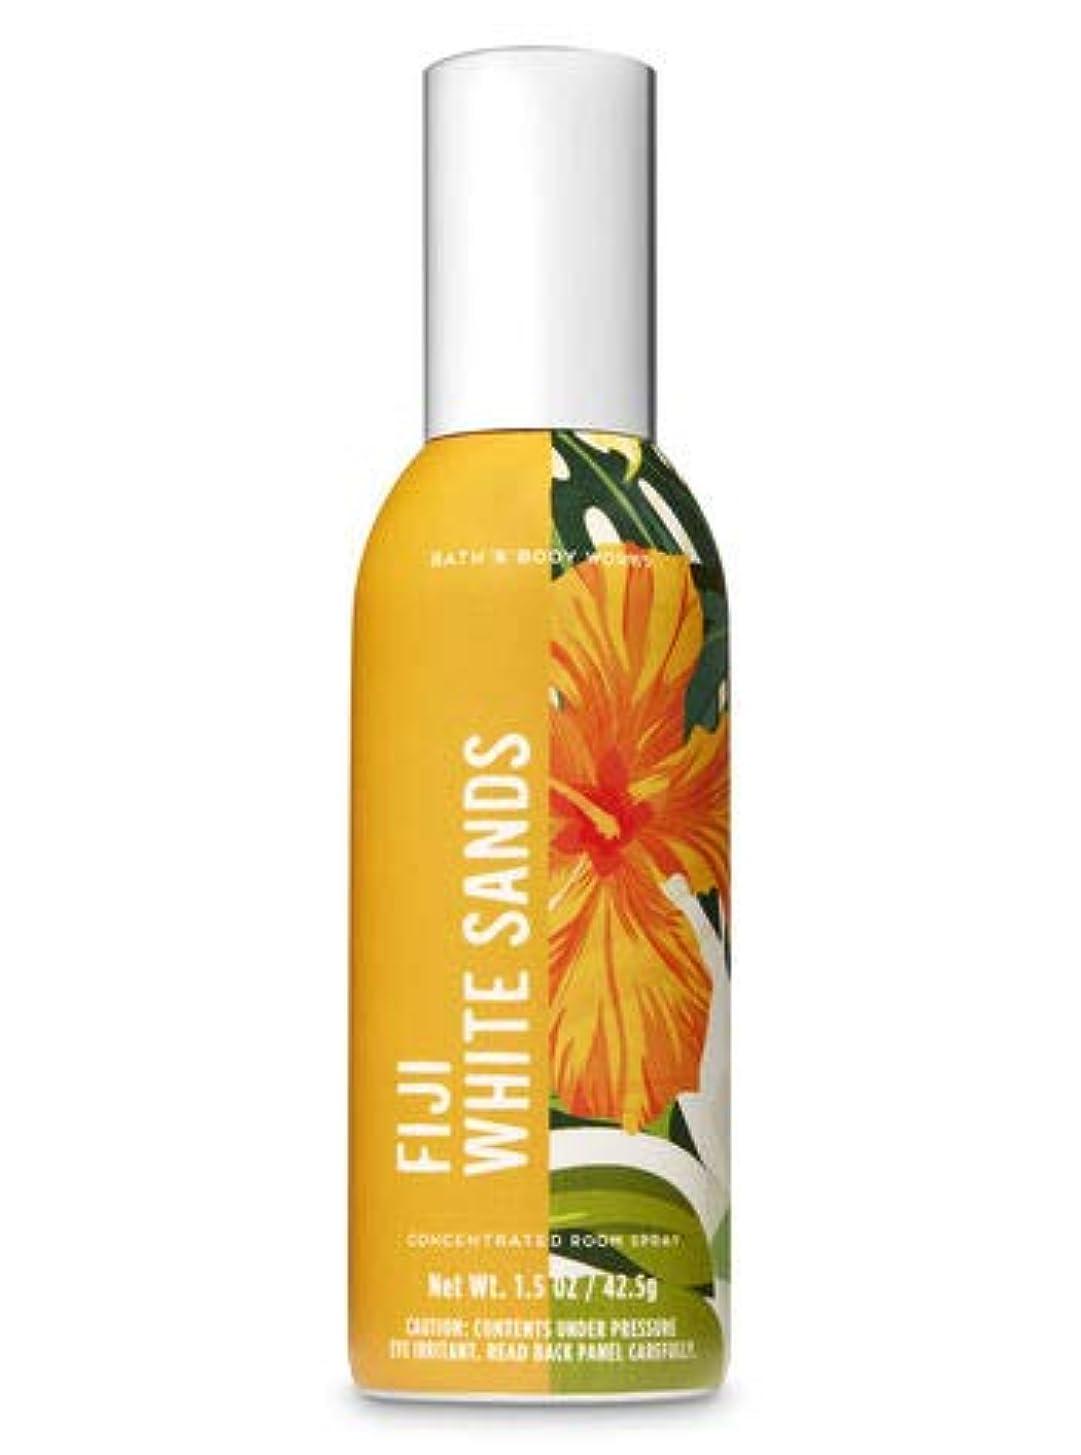 月認知メロディー【Bath&Body Works/バス&ボディワークス】 ルームスプレー フィジーホワイトサンド 1.5 oz. Concentrated Room Spray/Room Perfume Fiji White Sands [並行輸入品]